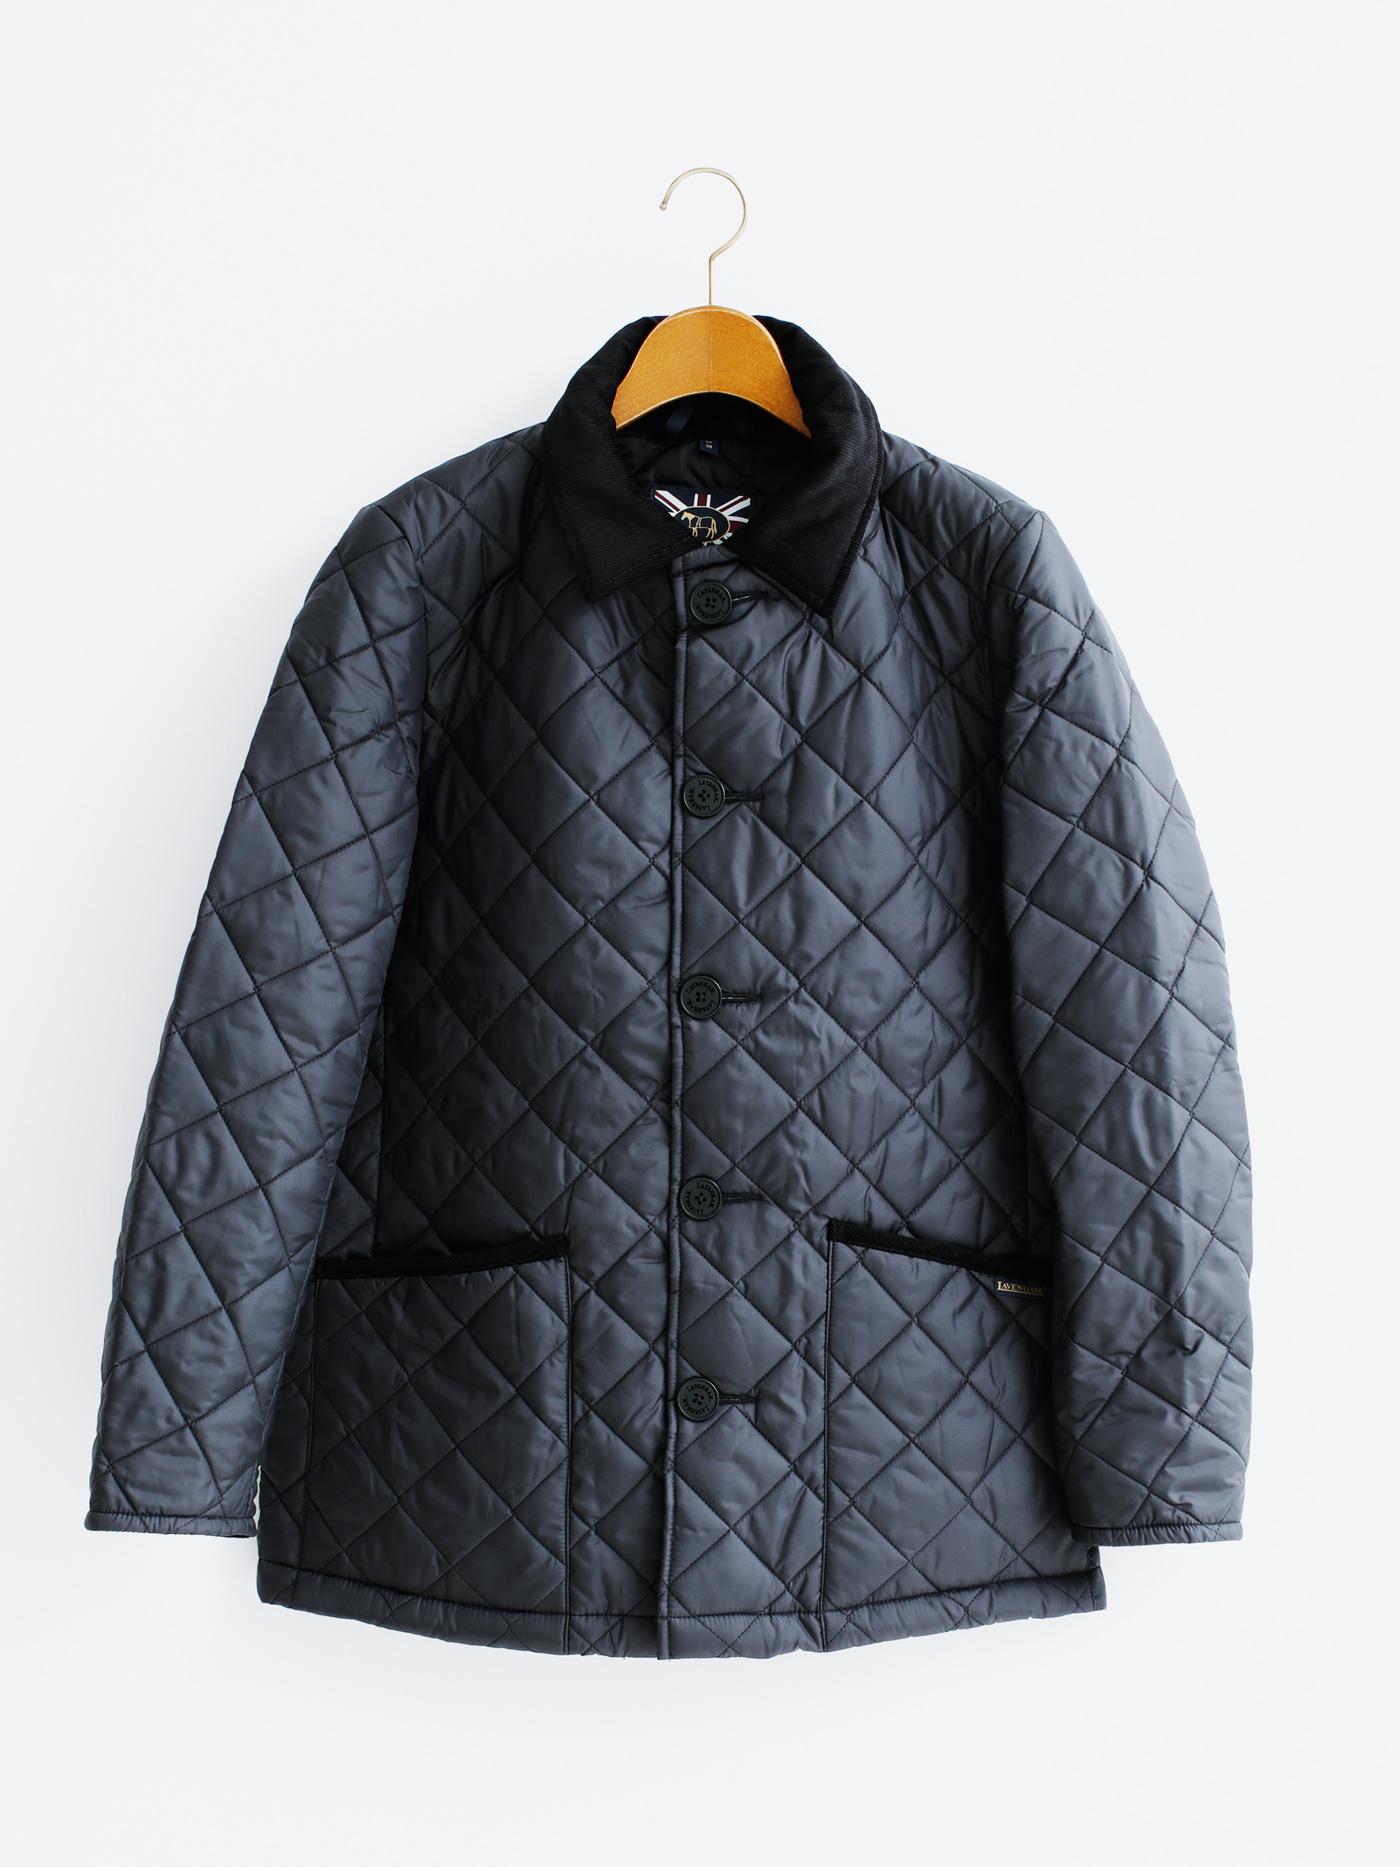 20181218_topics ラベンハム史上、最もスーツに合うジャケット LEXHAM/レクサム2